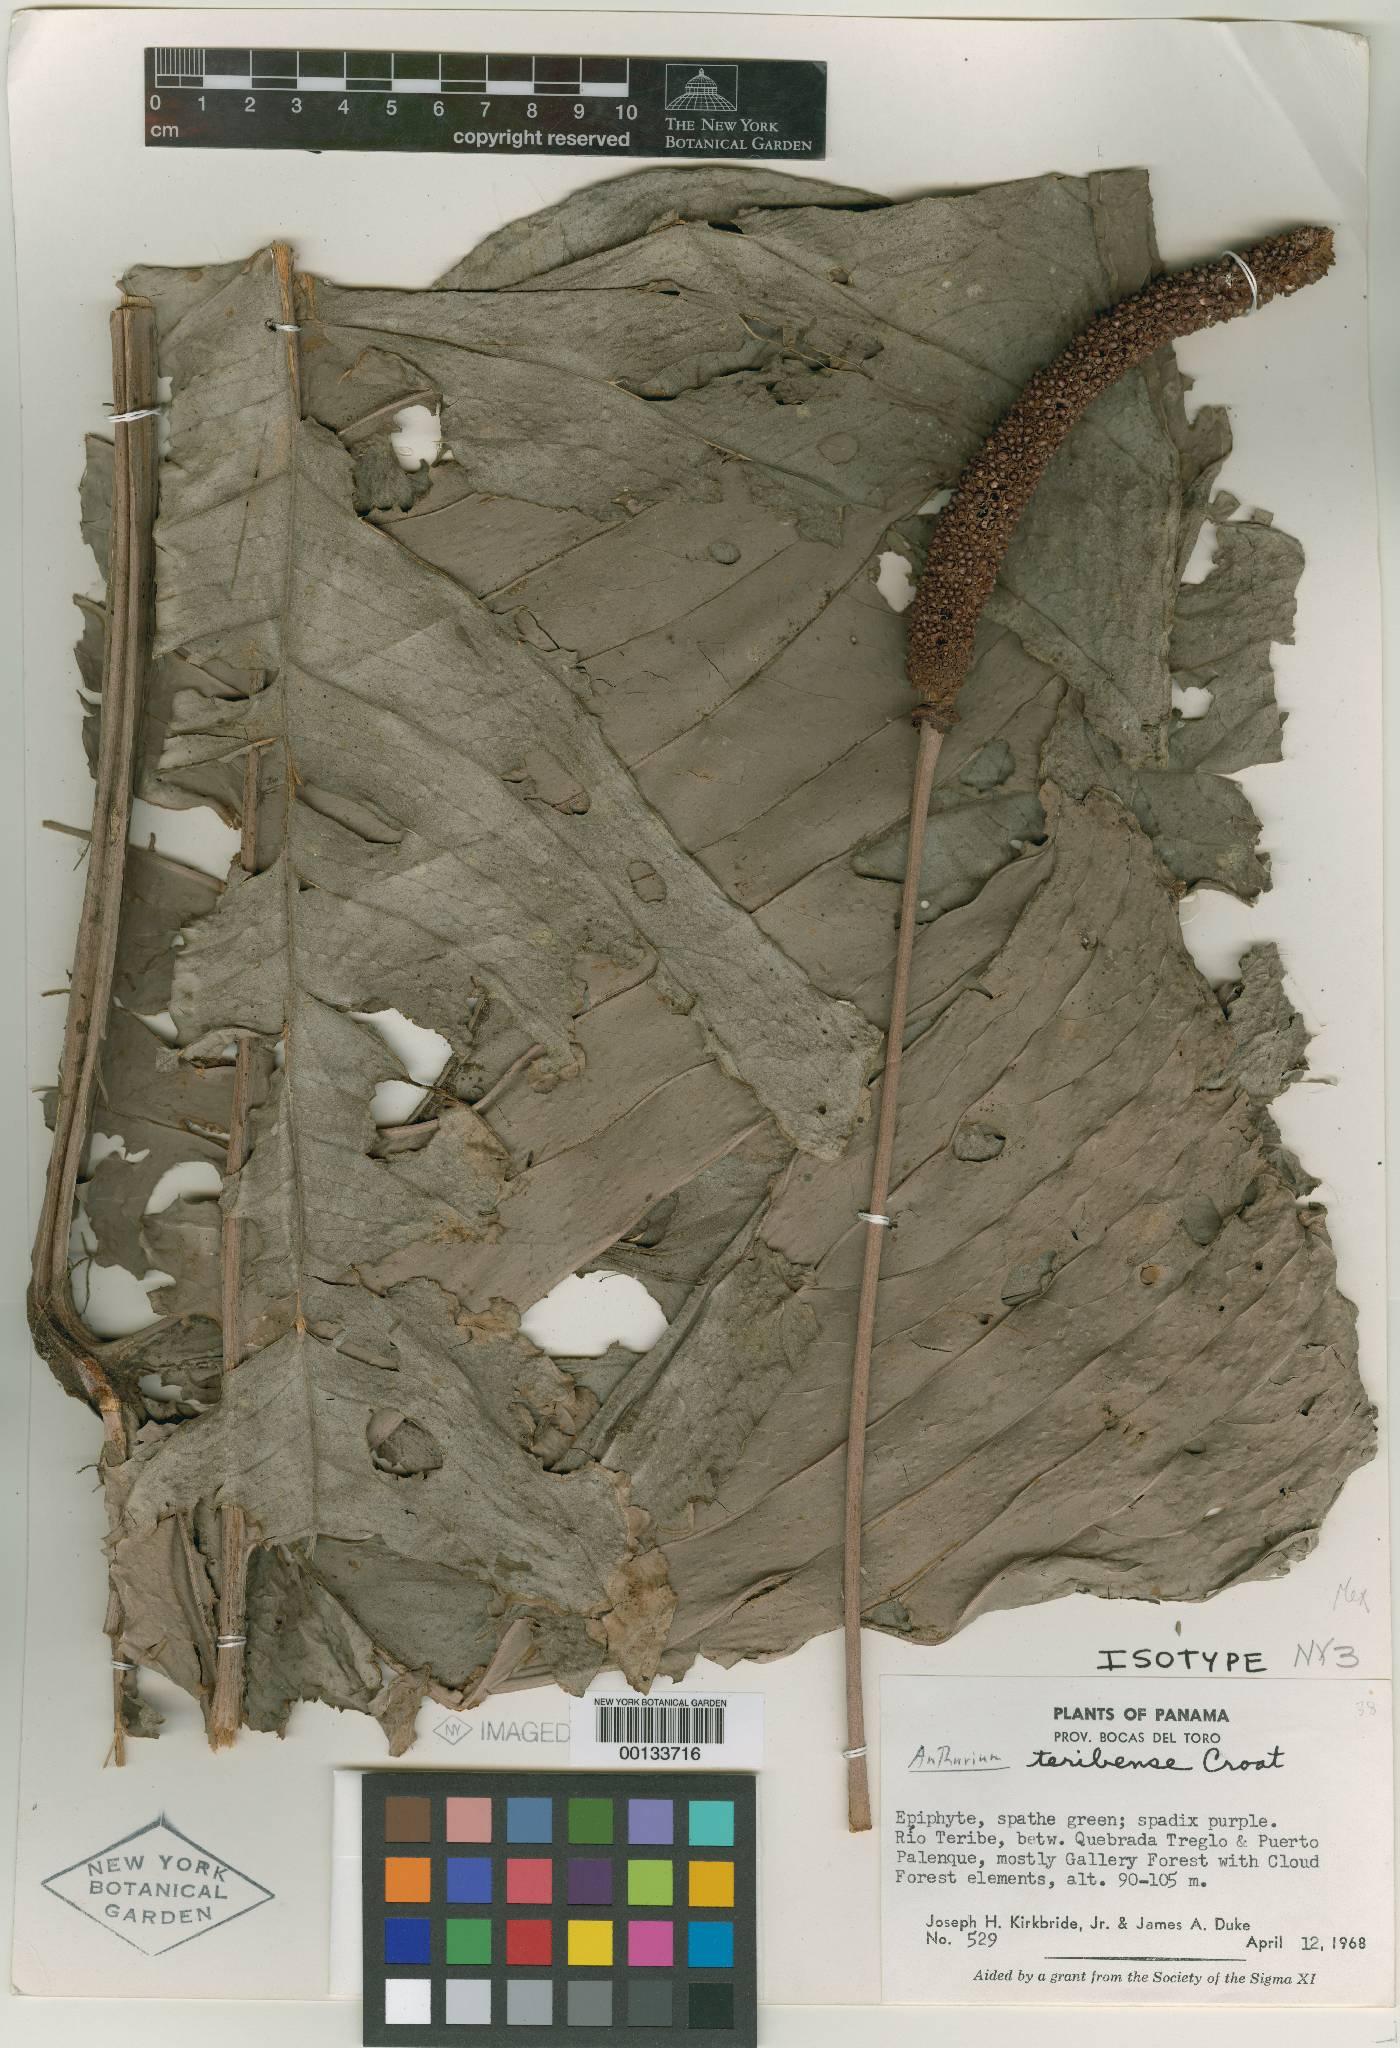 Anthurium teribense image